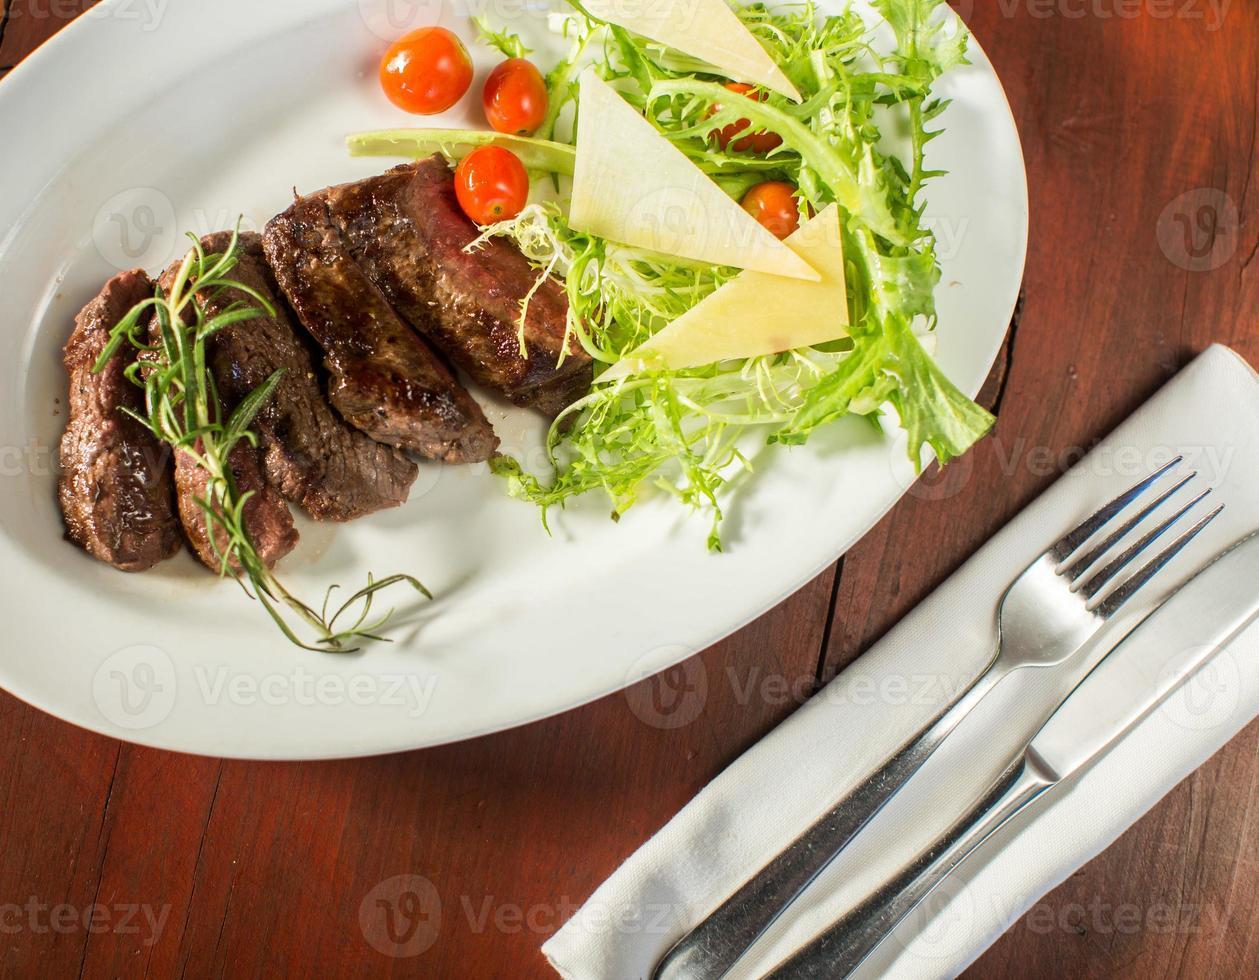 bistecca con formaggio e verdure in un ristorante foto